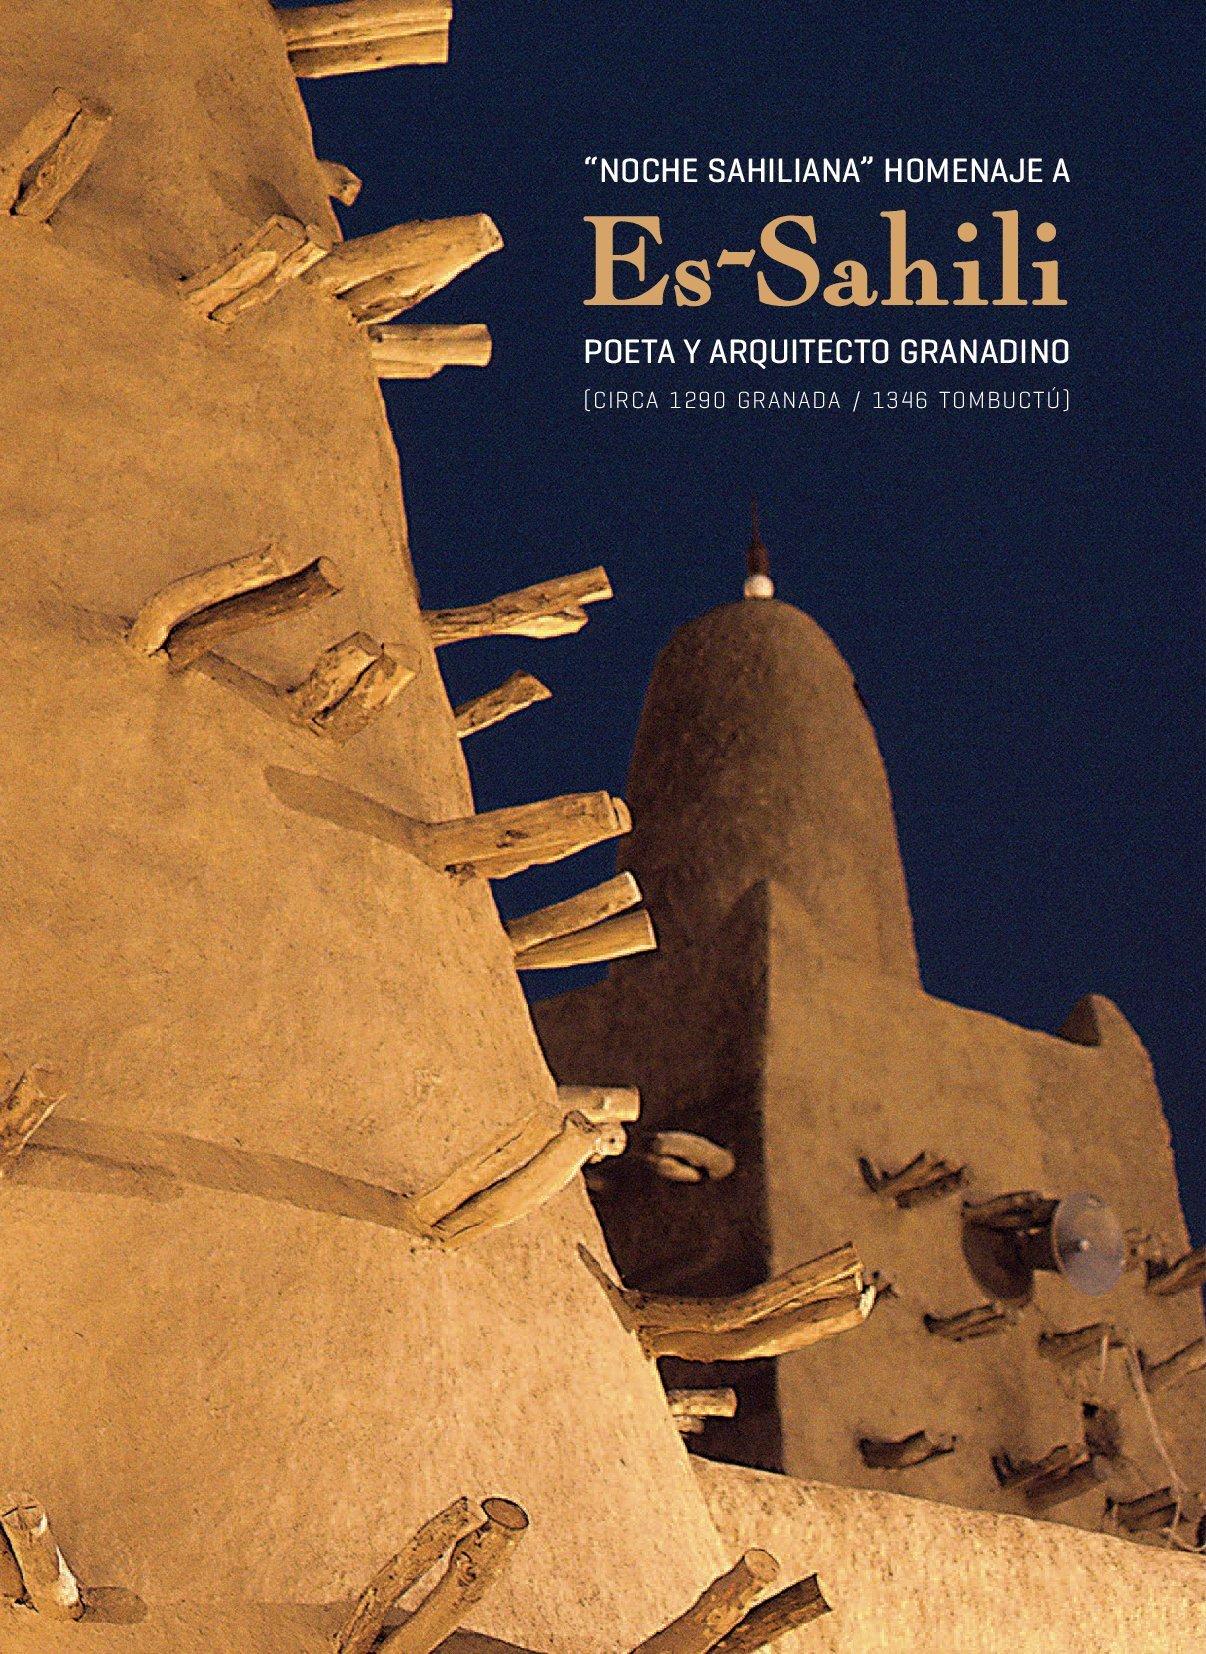 Poesía y música andalusí para rendir homenaje a Es-Sahili en la Alhambra